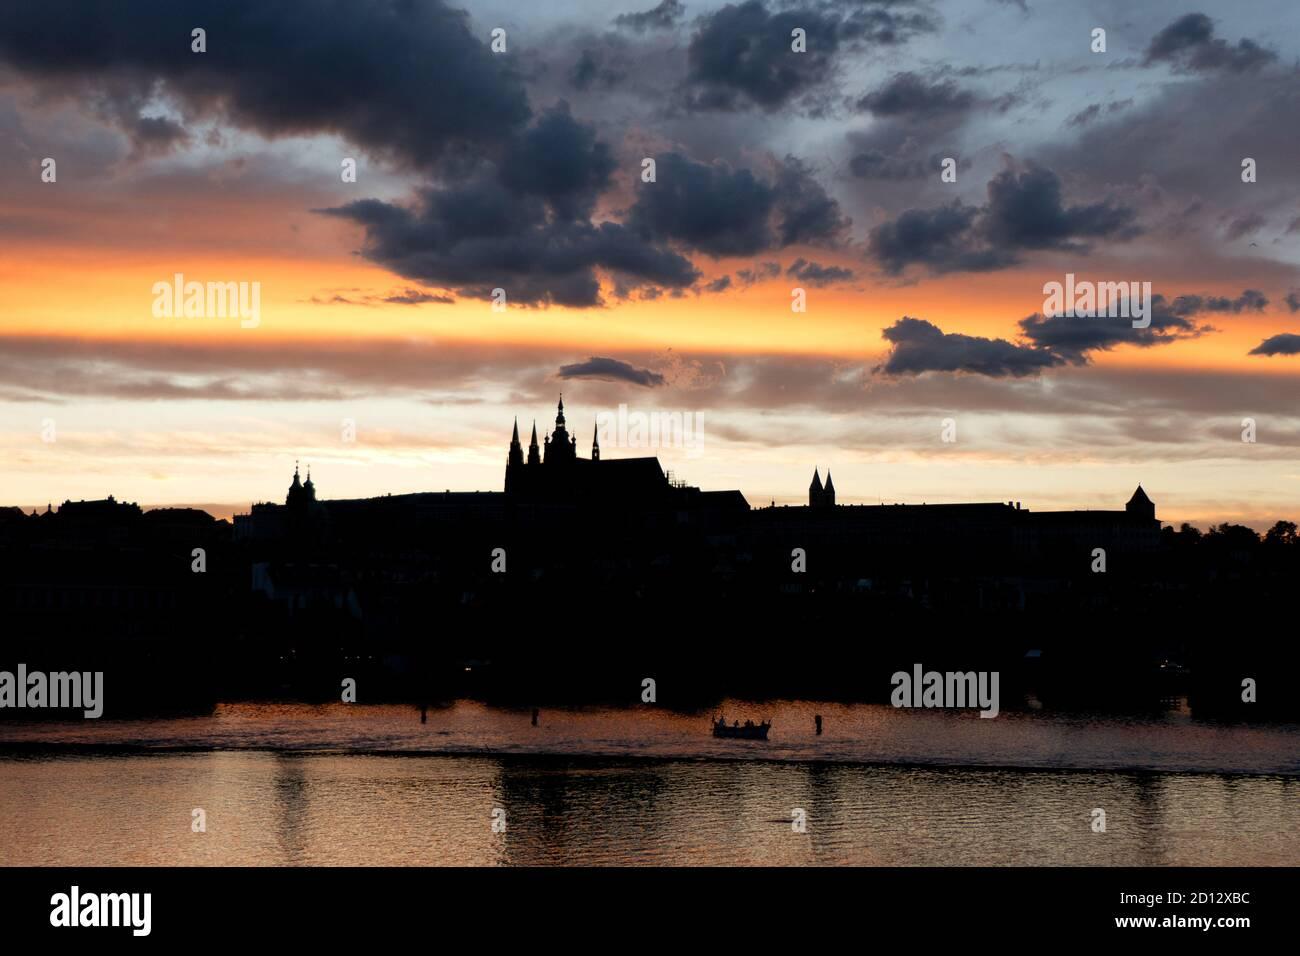 Vista del Castillo de Praga, punto de referencia turístico en el río Vltava (Moldau) en Praga, República Checa, Europa. Hermoso paisaje de la ciudad con monumento Foto de stock